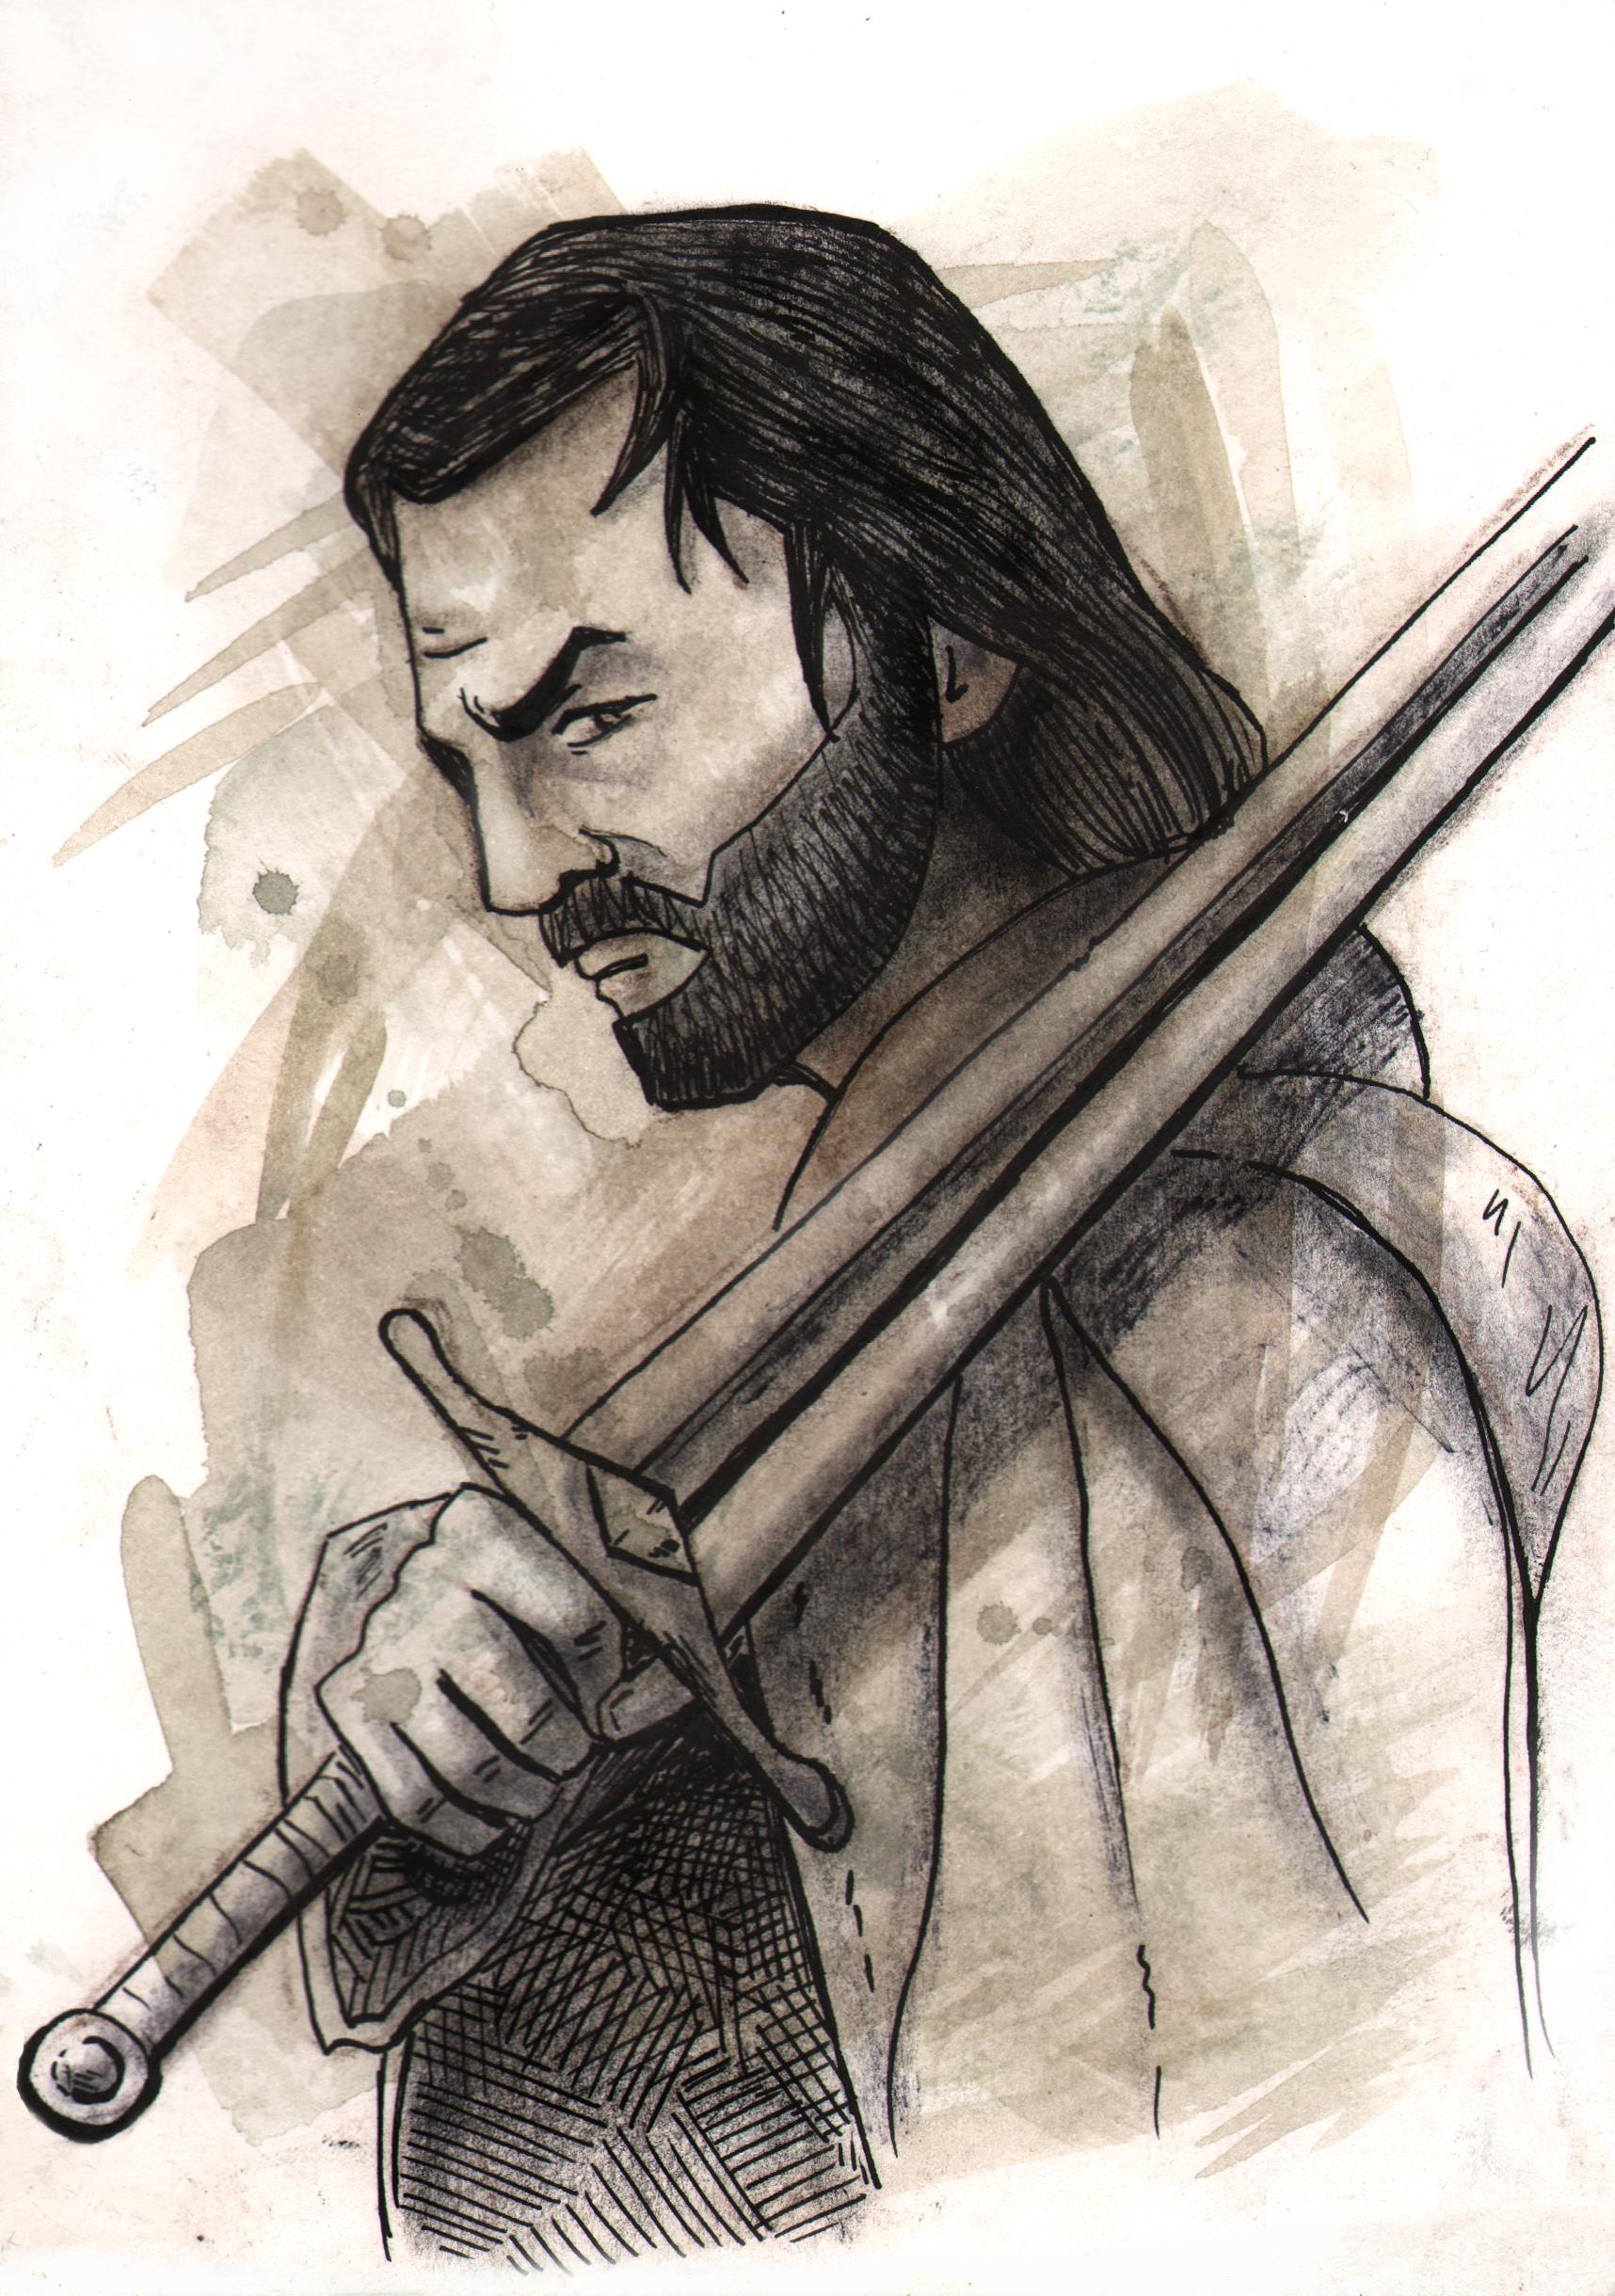 Récit d'un guerrier Aragorn